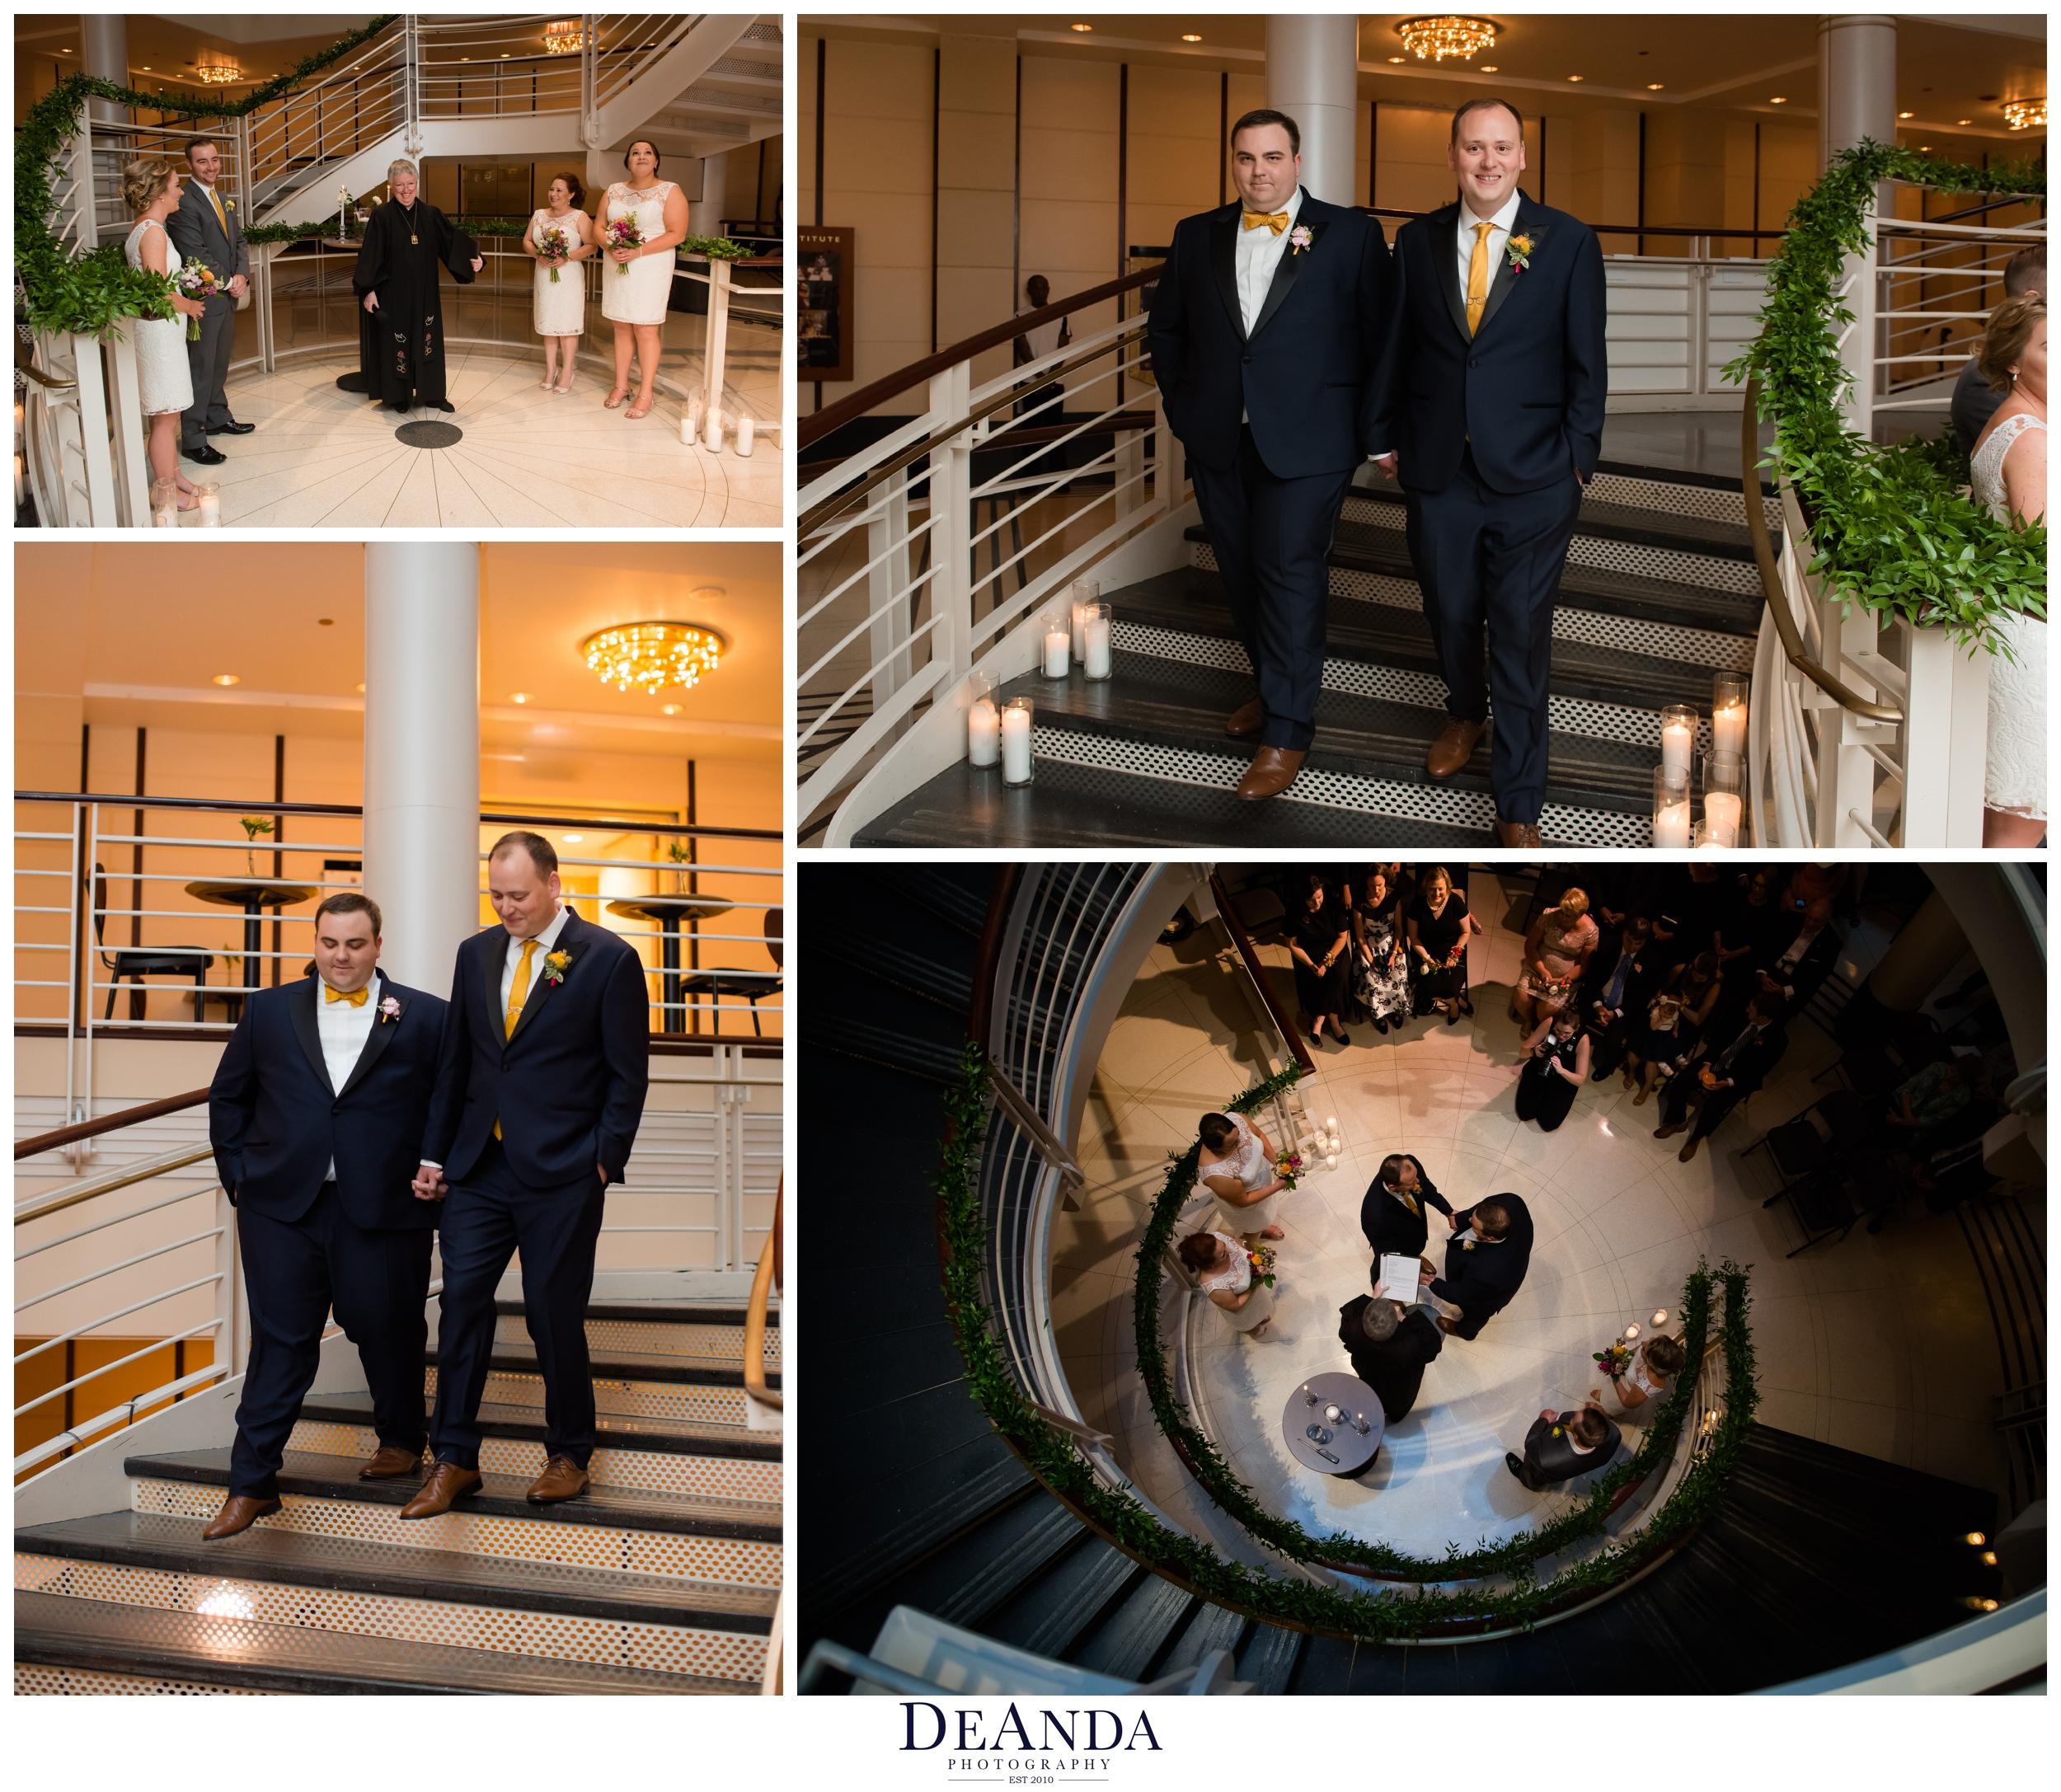 symphony center Chicago wedding ceremony